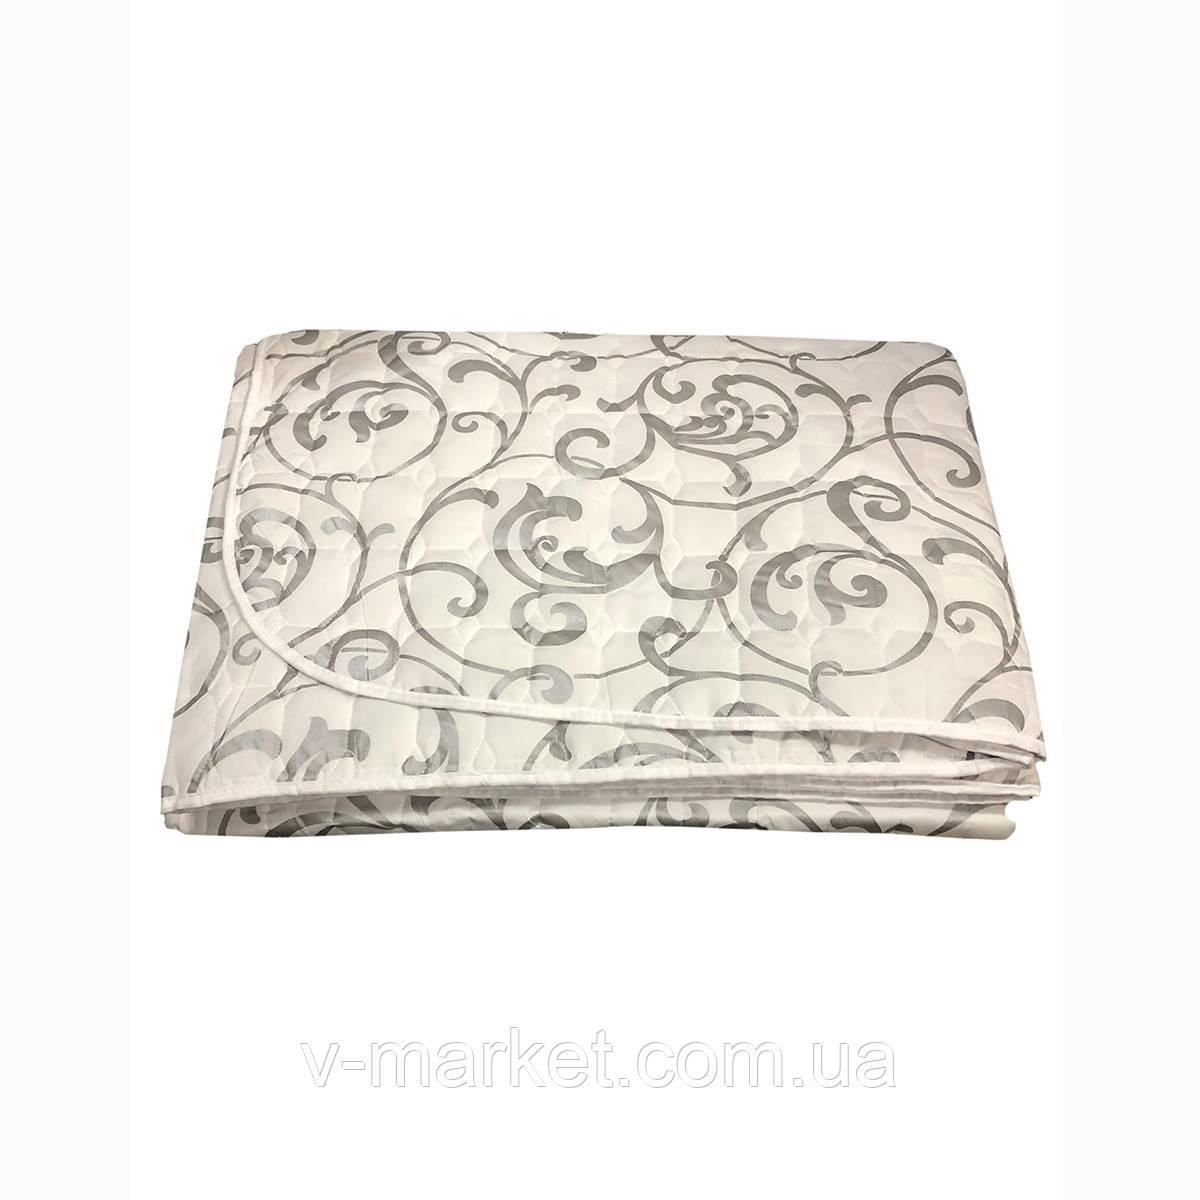 Летнее одеяло покрывало двуспальное, 175/205, бамбук, ткань фибра